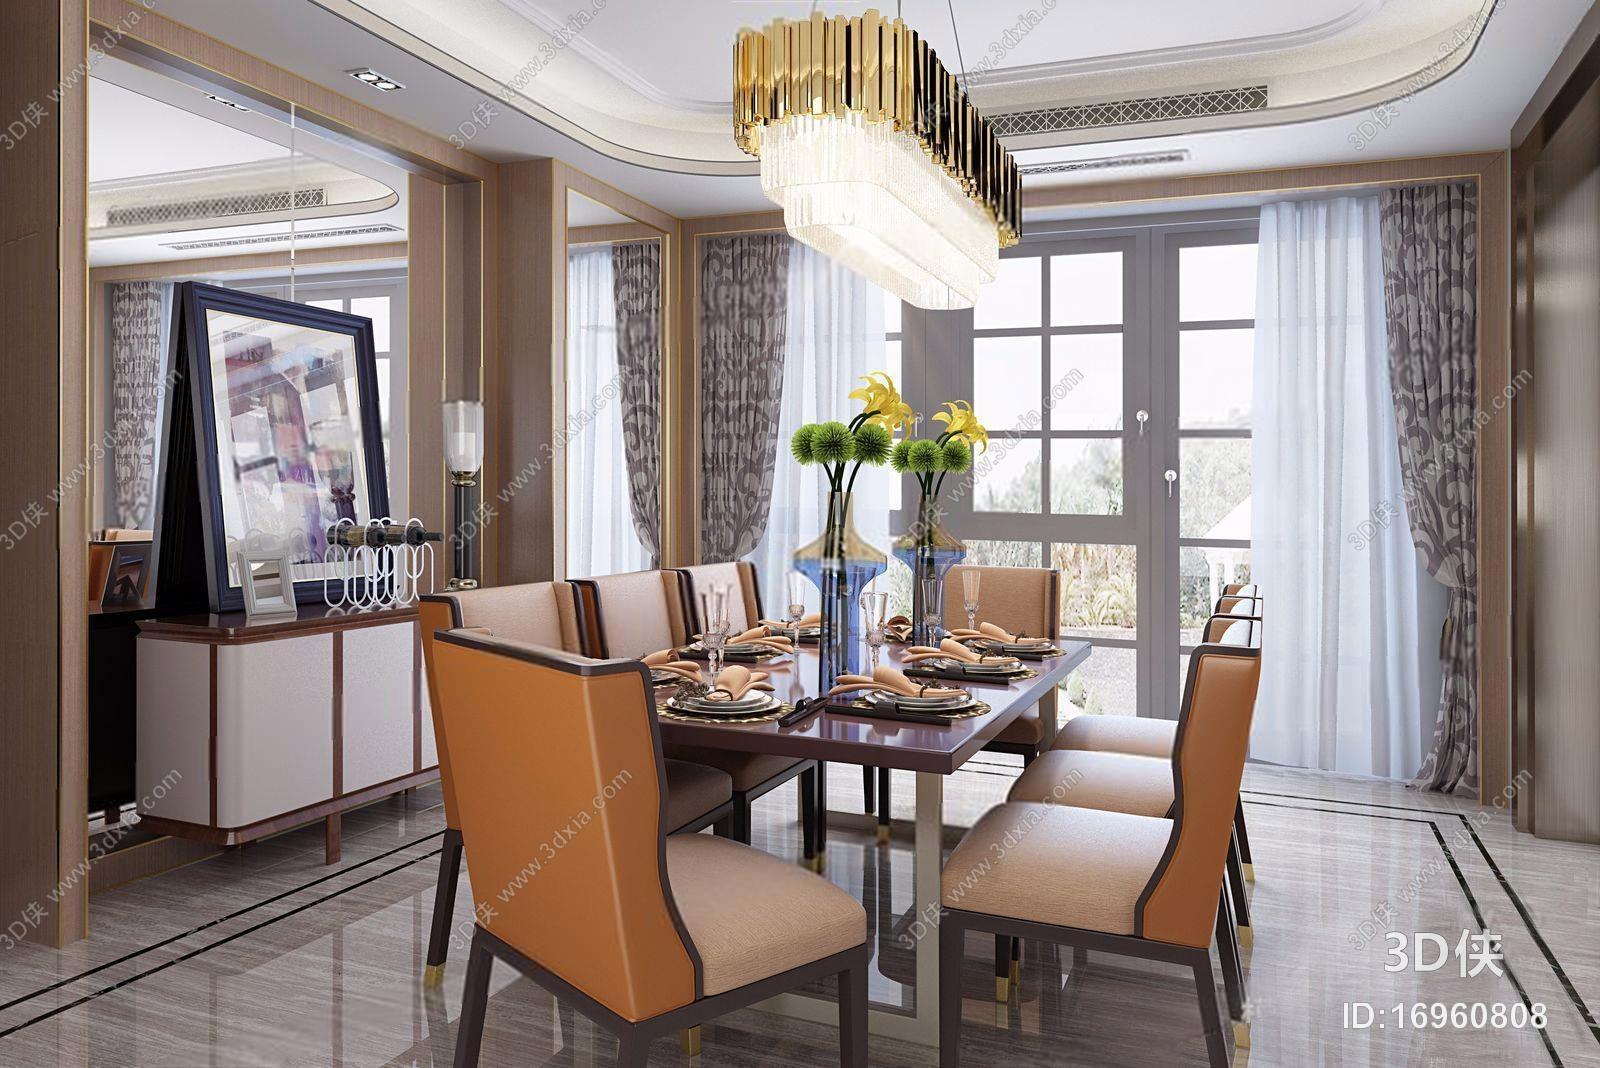 后现代餐厅 后现代餐厅 装饰柜 椅子 饰品 吊灯 窗帘 餐桌 餐椅